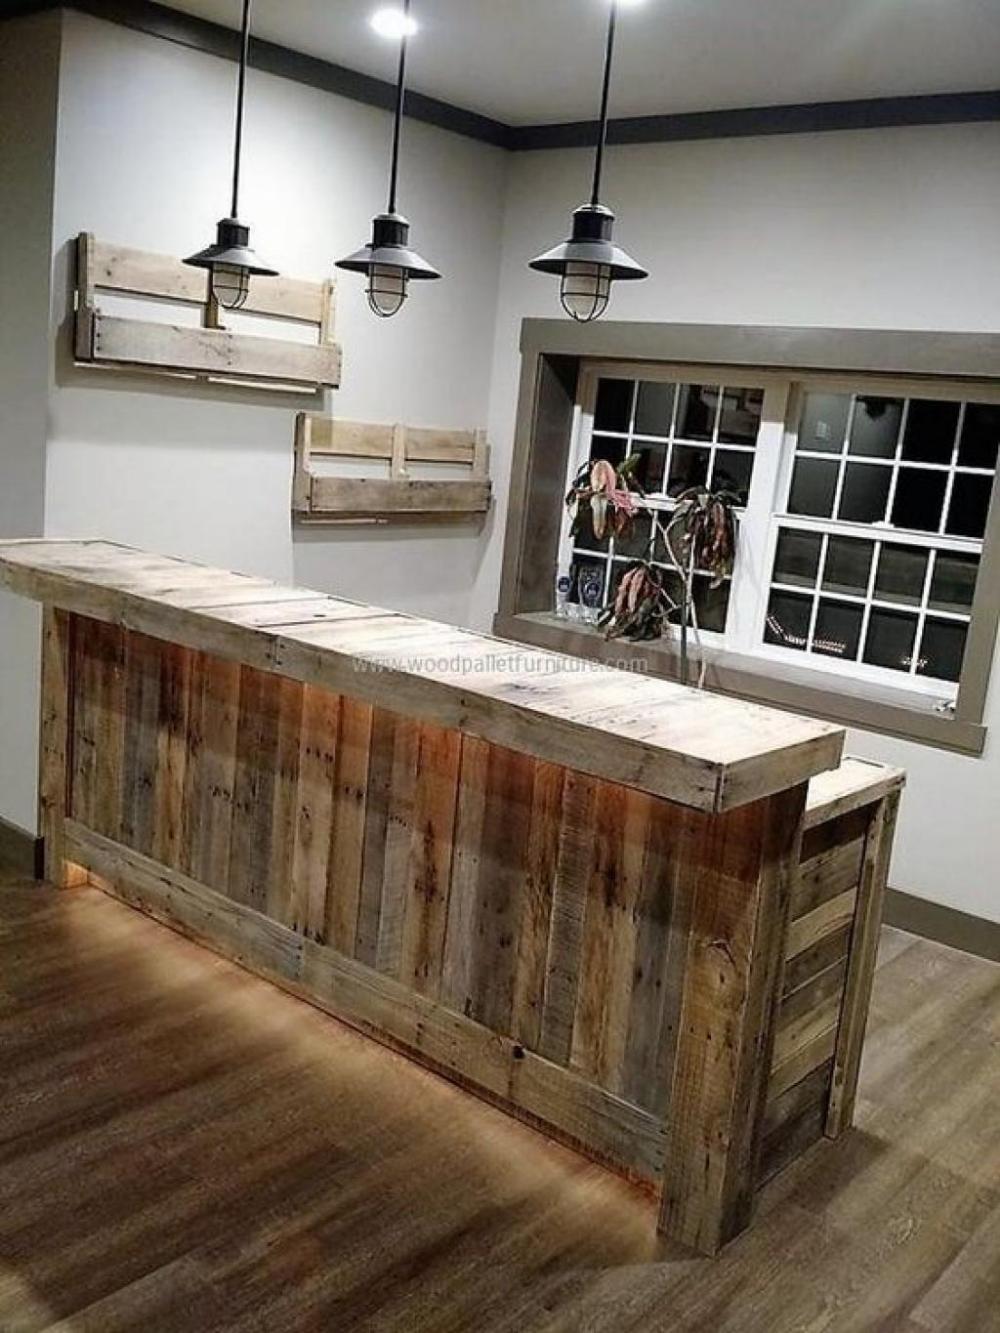 15 transformations de cuisine faites en bois de palettes: Îlot, comptoir et portes d'armoires ...